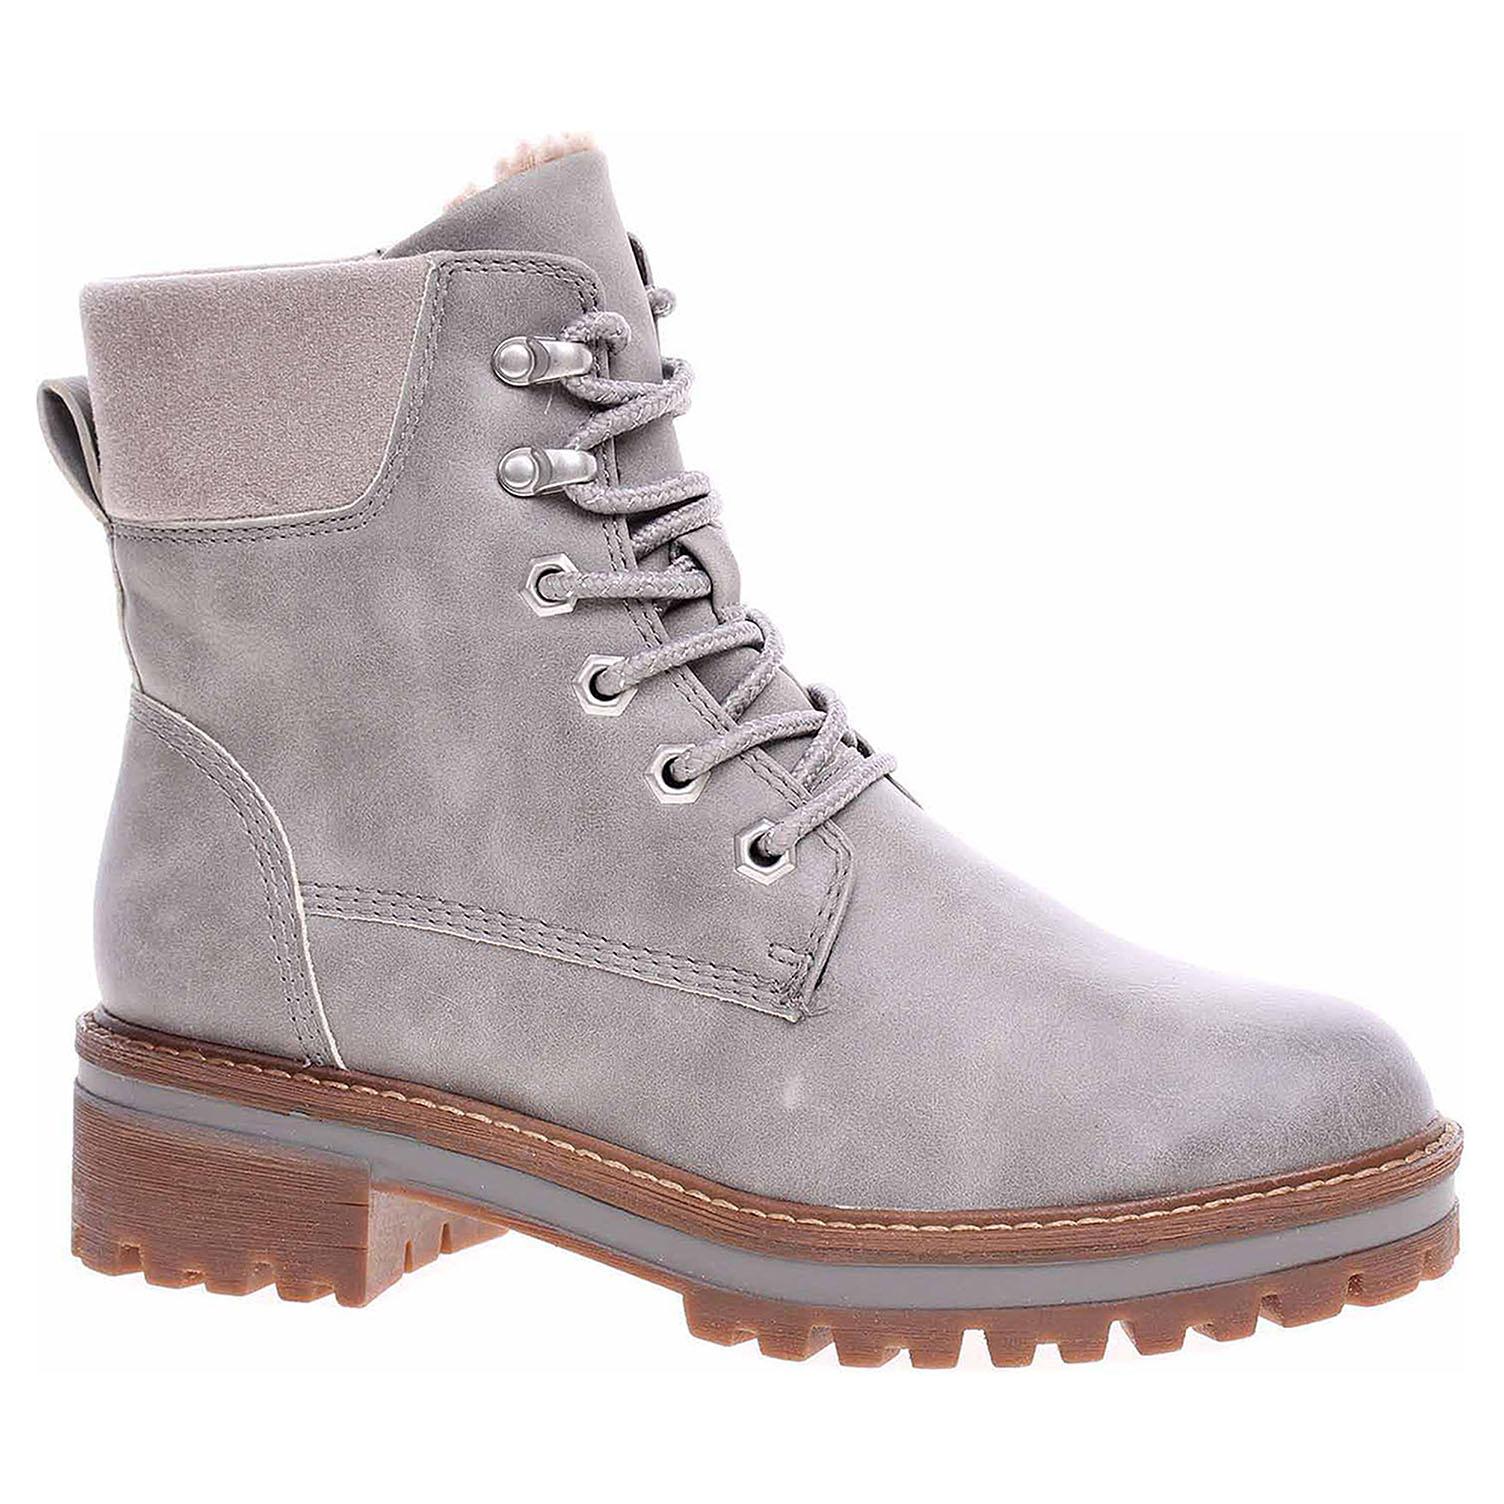 Dámská kotníková obuv Tamaris 1-26250-21 grey 1-1-26250-21 200 41